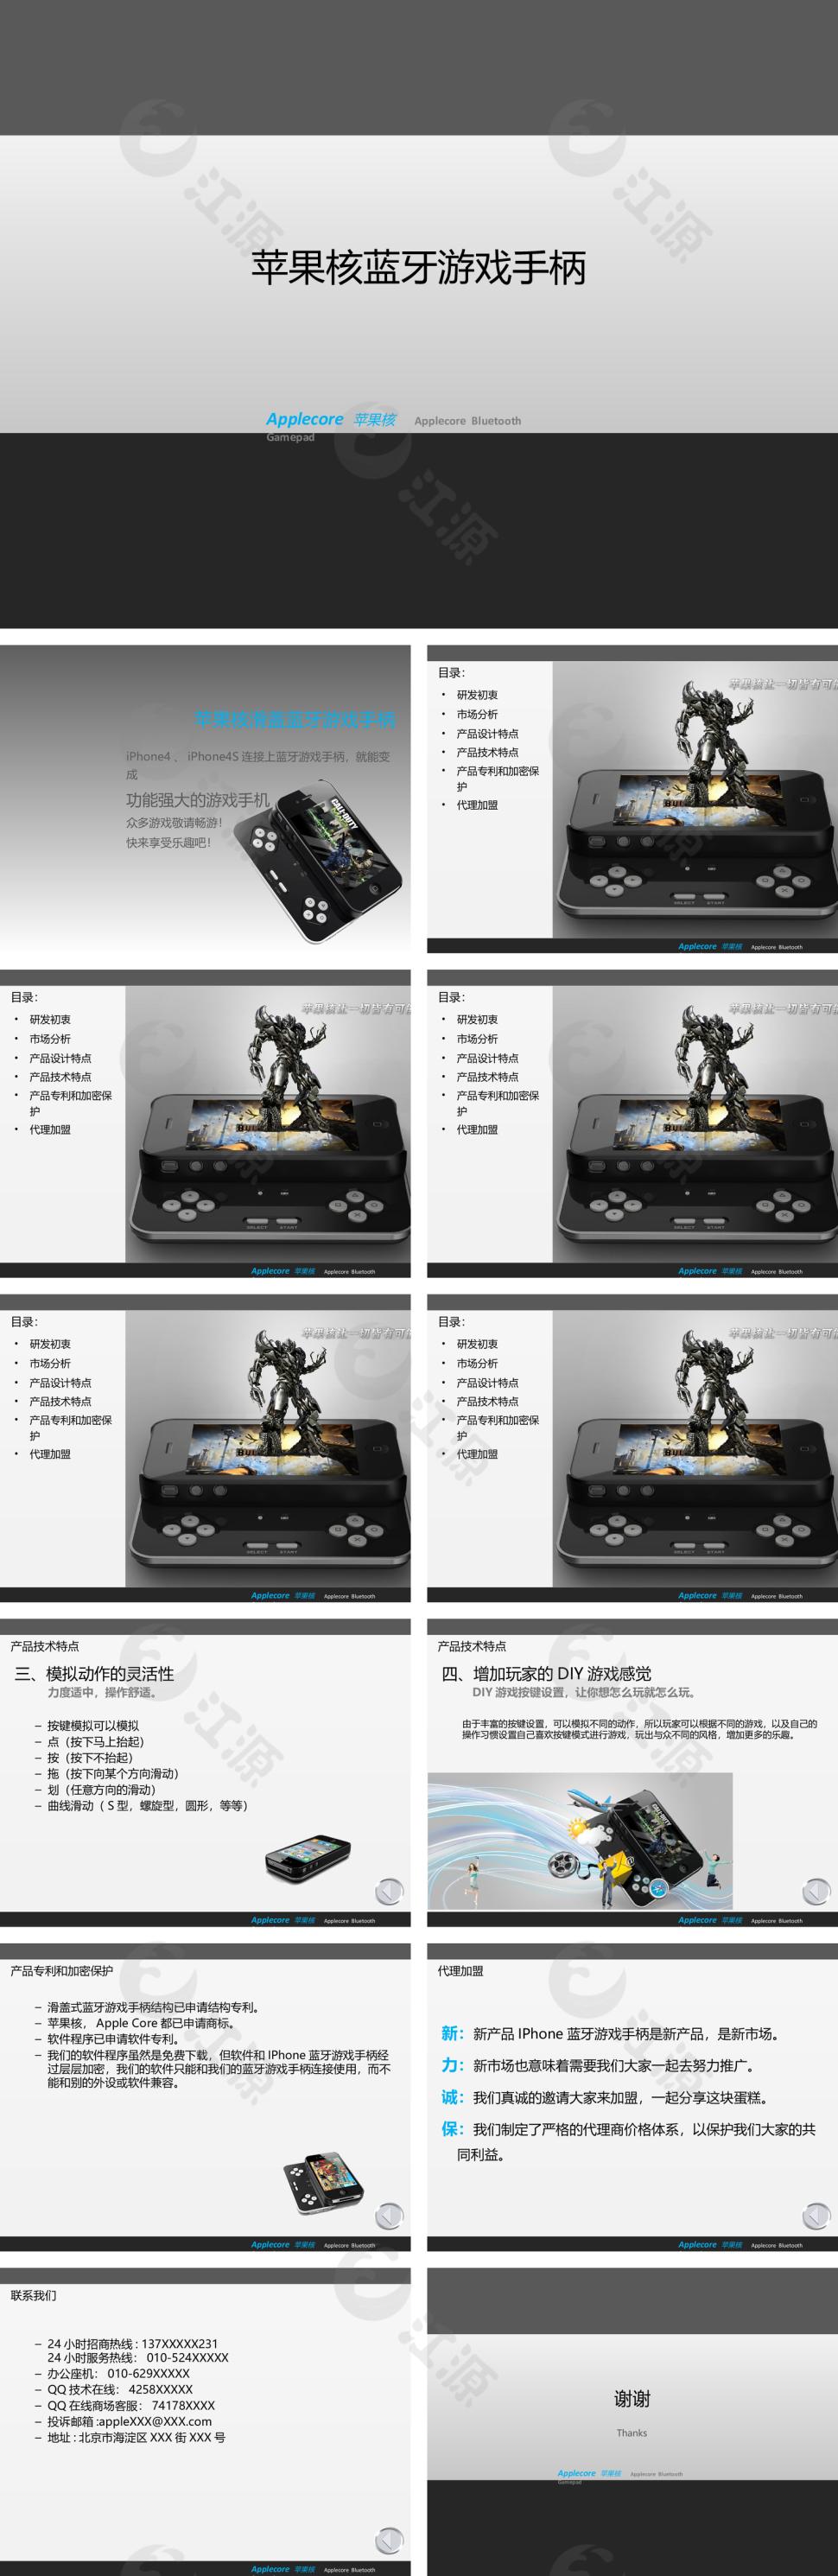 新产品宣传模板